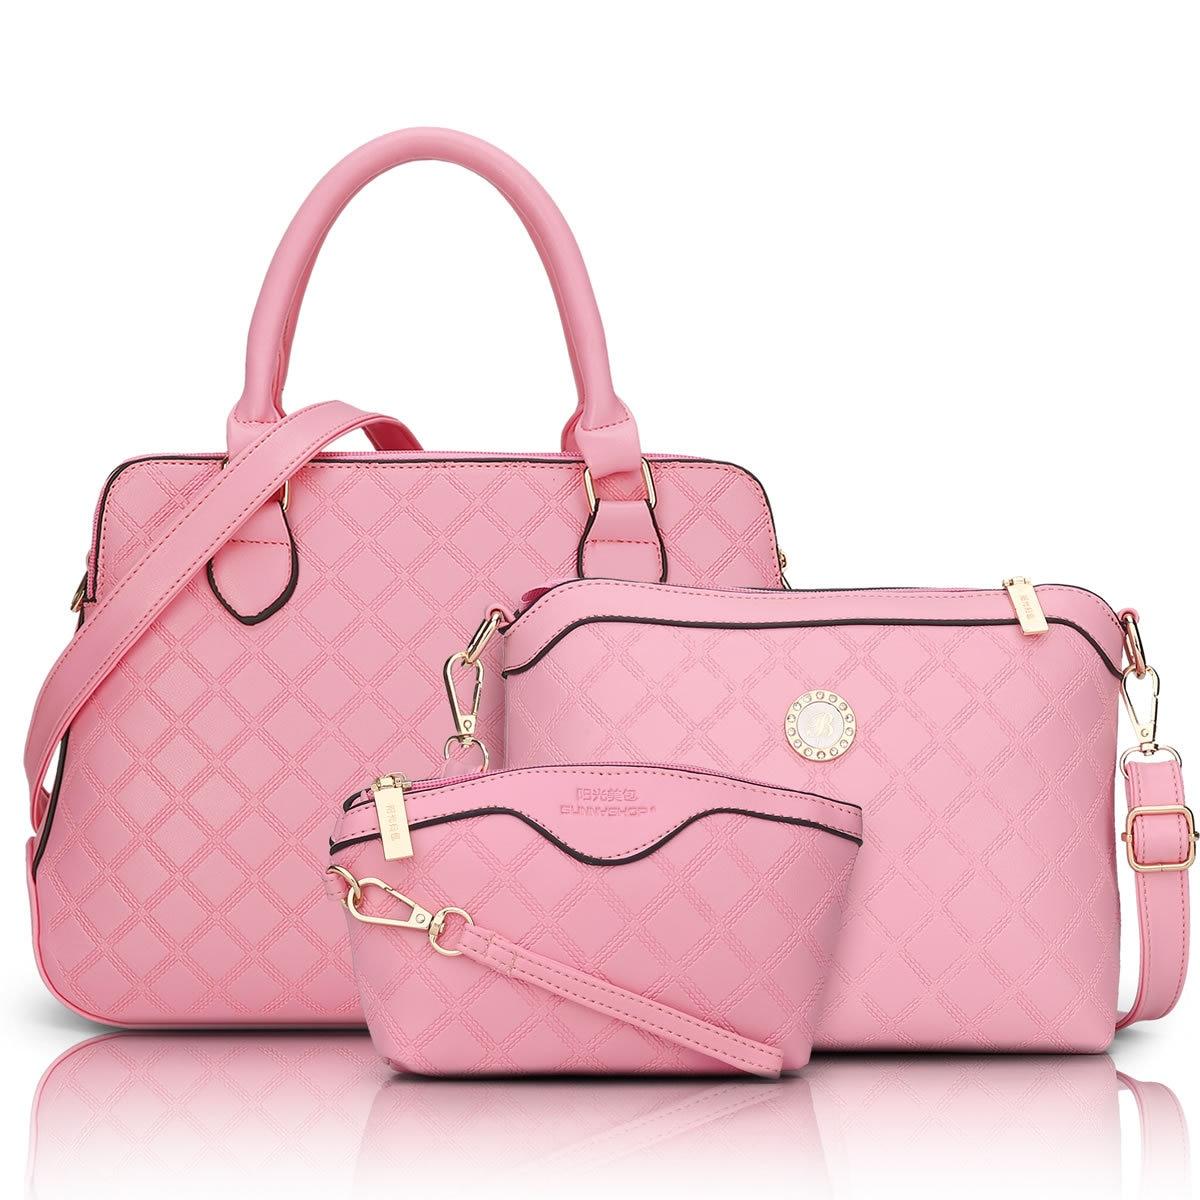 3 Bag/Set  New  Brand Designer Women Bag Plaid Fashion Femal Shoulder Bag High Quality Lady Messenger Bag Pink Color Q5